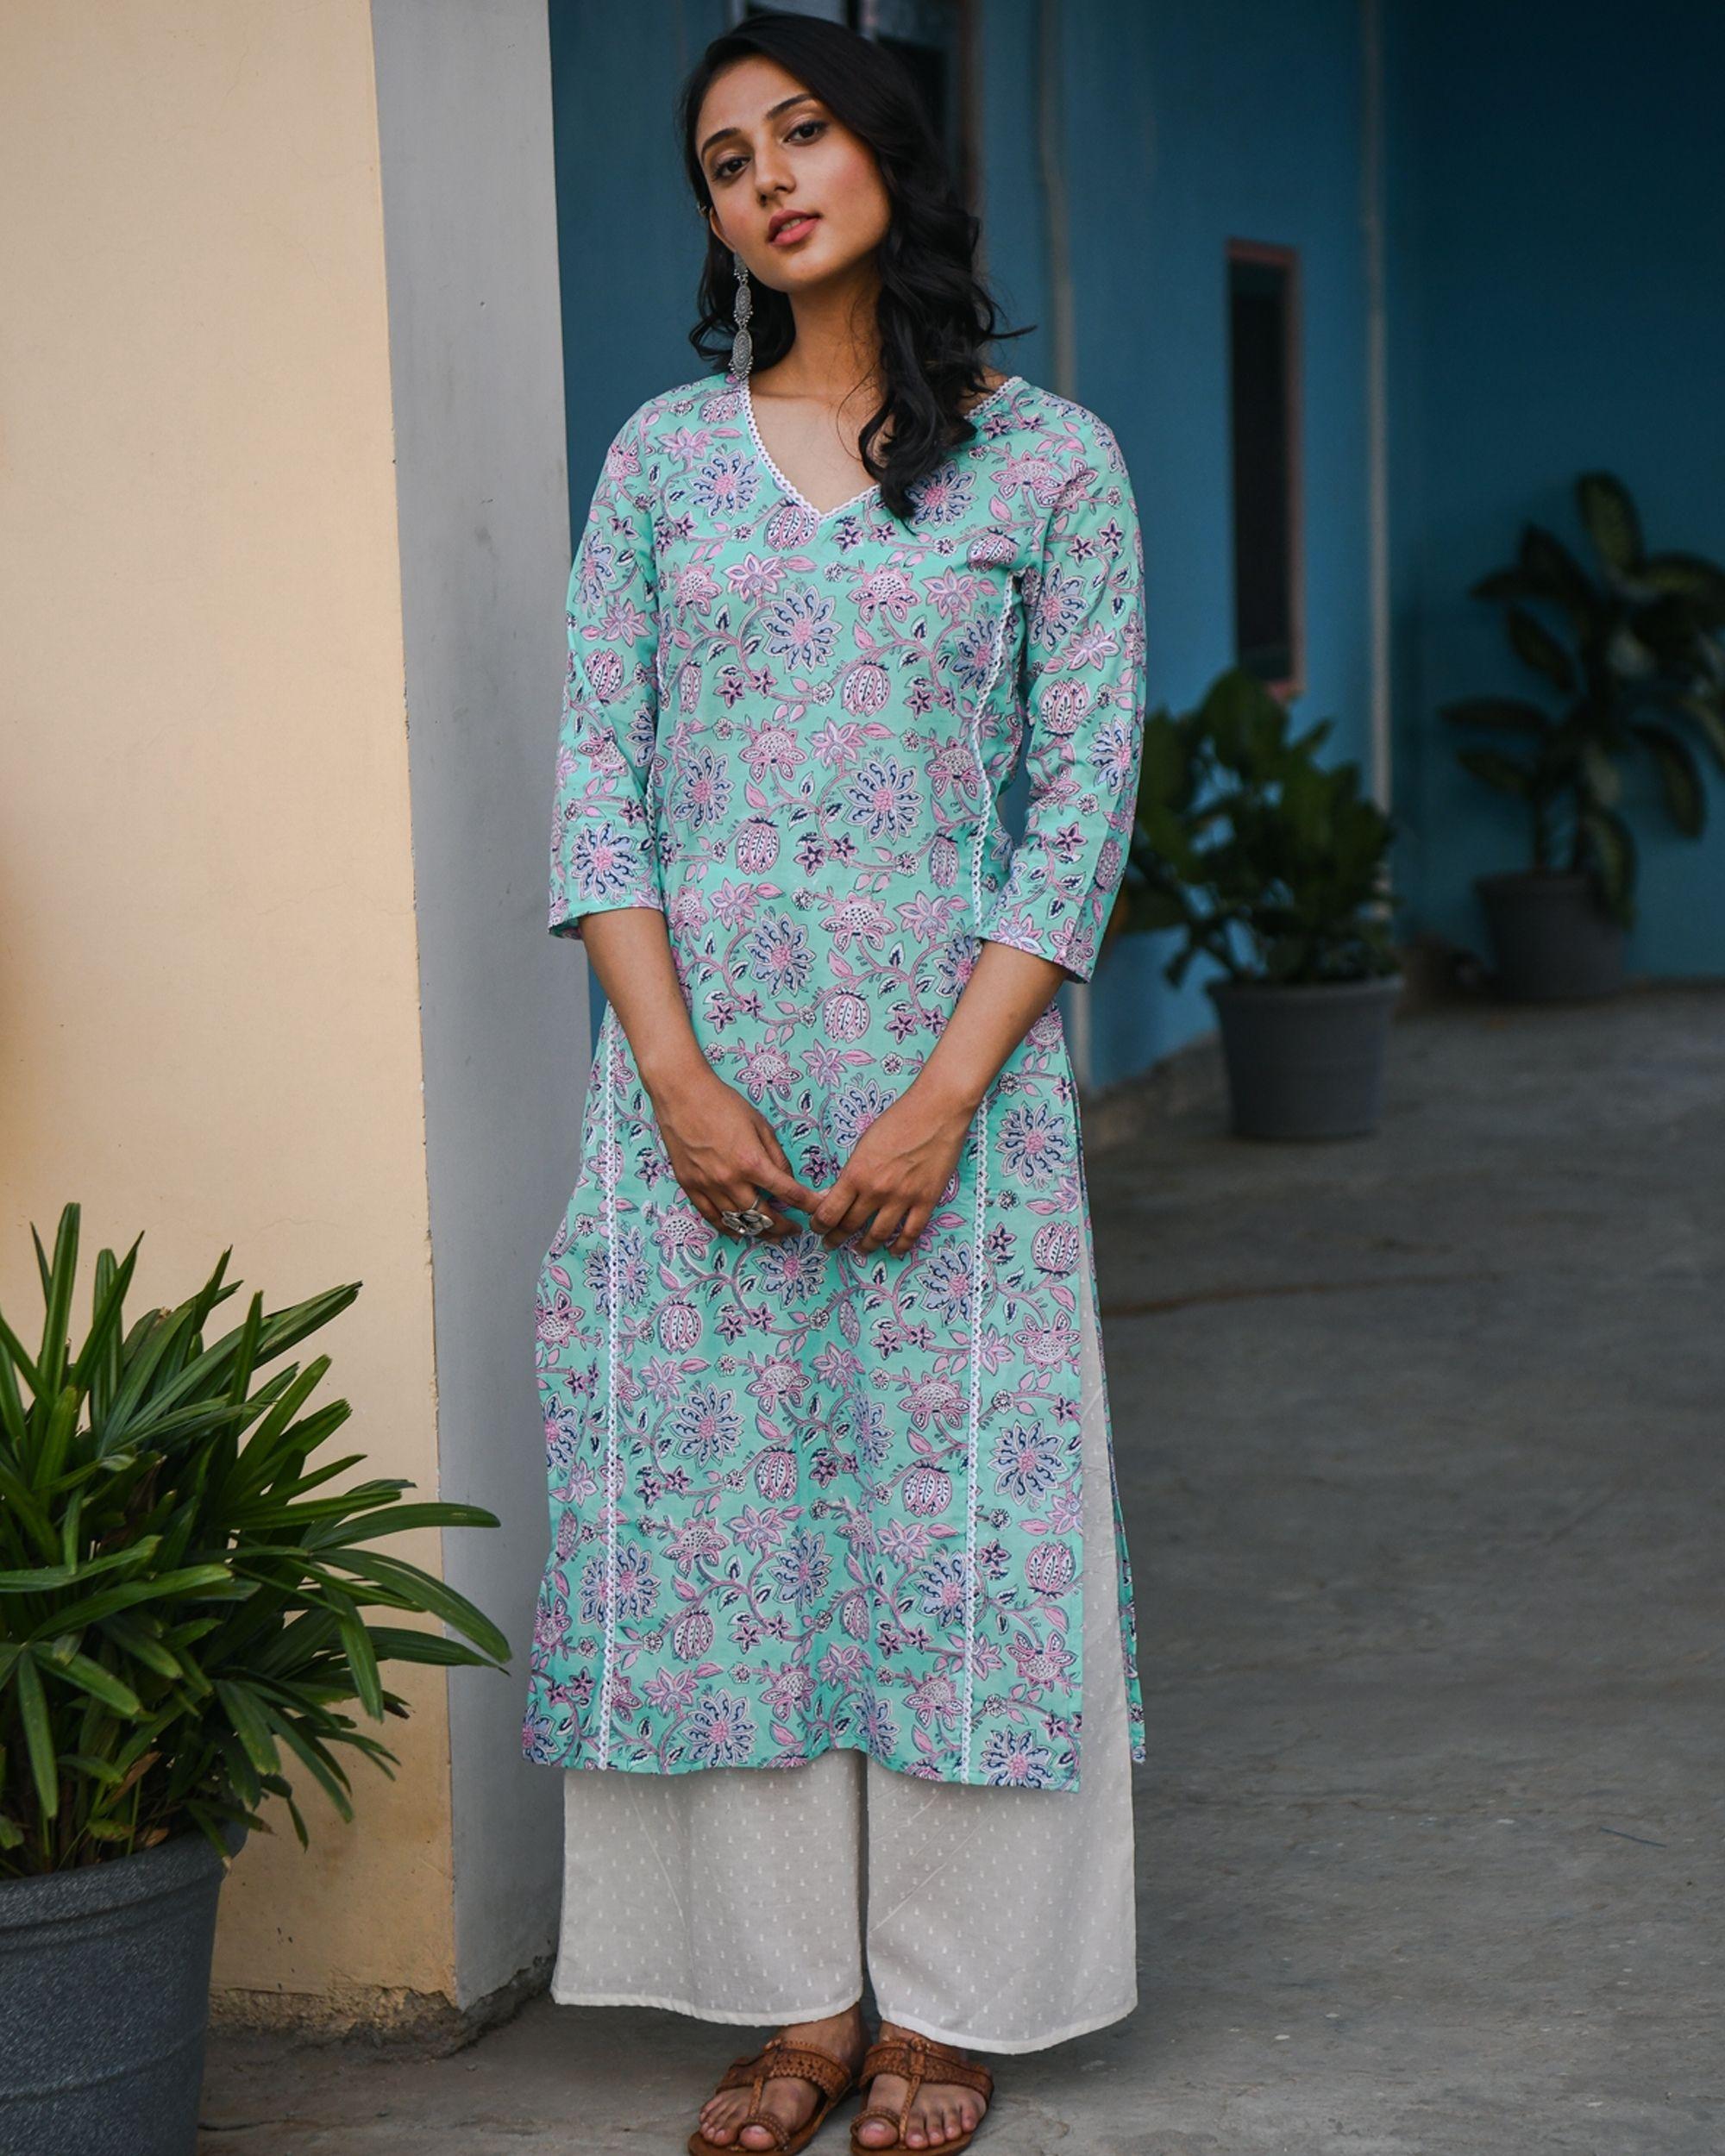 Ketak green printed lace detailed kurta